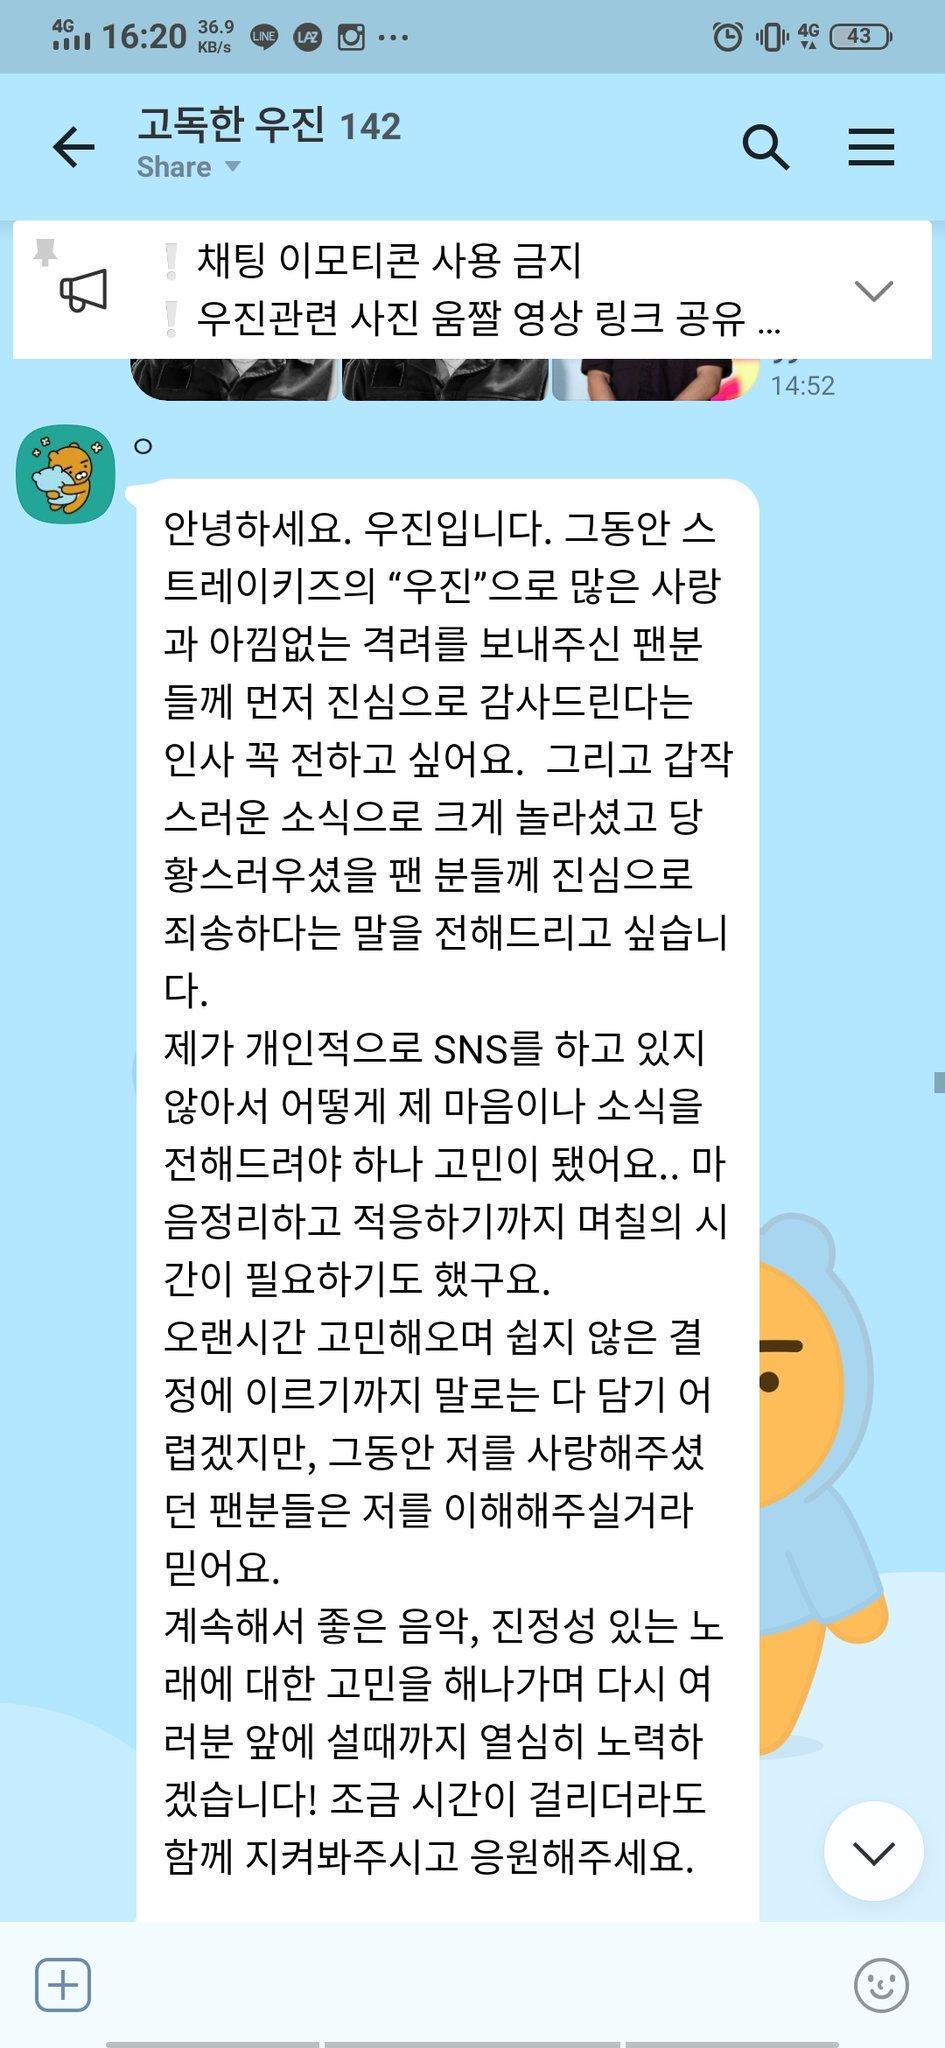 前Stray Kids朴佑镇通过加入一个群聊和寄信给粉丝们带来了惊喜